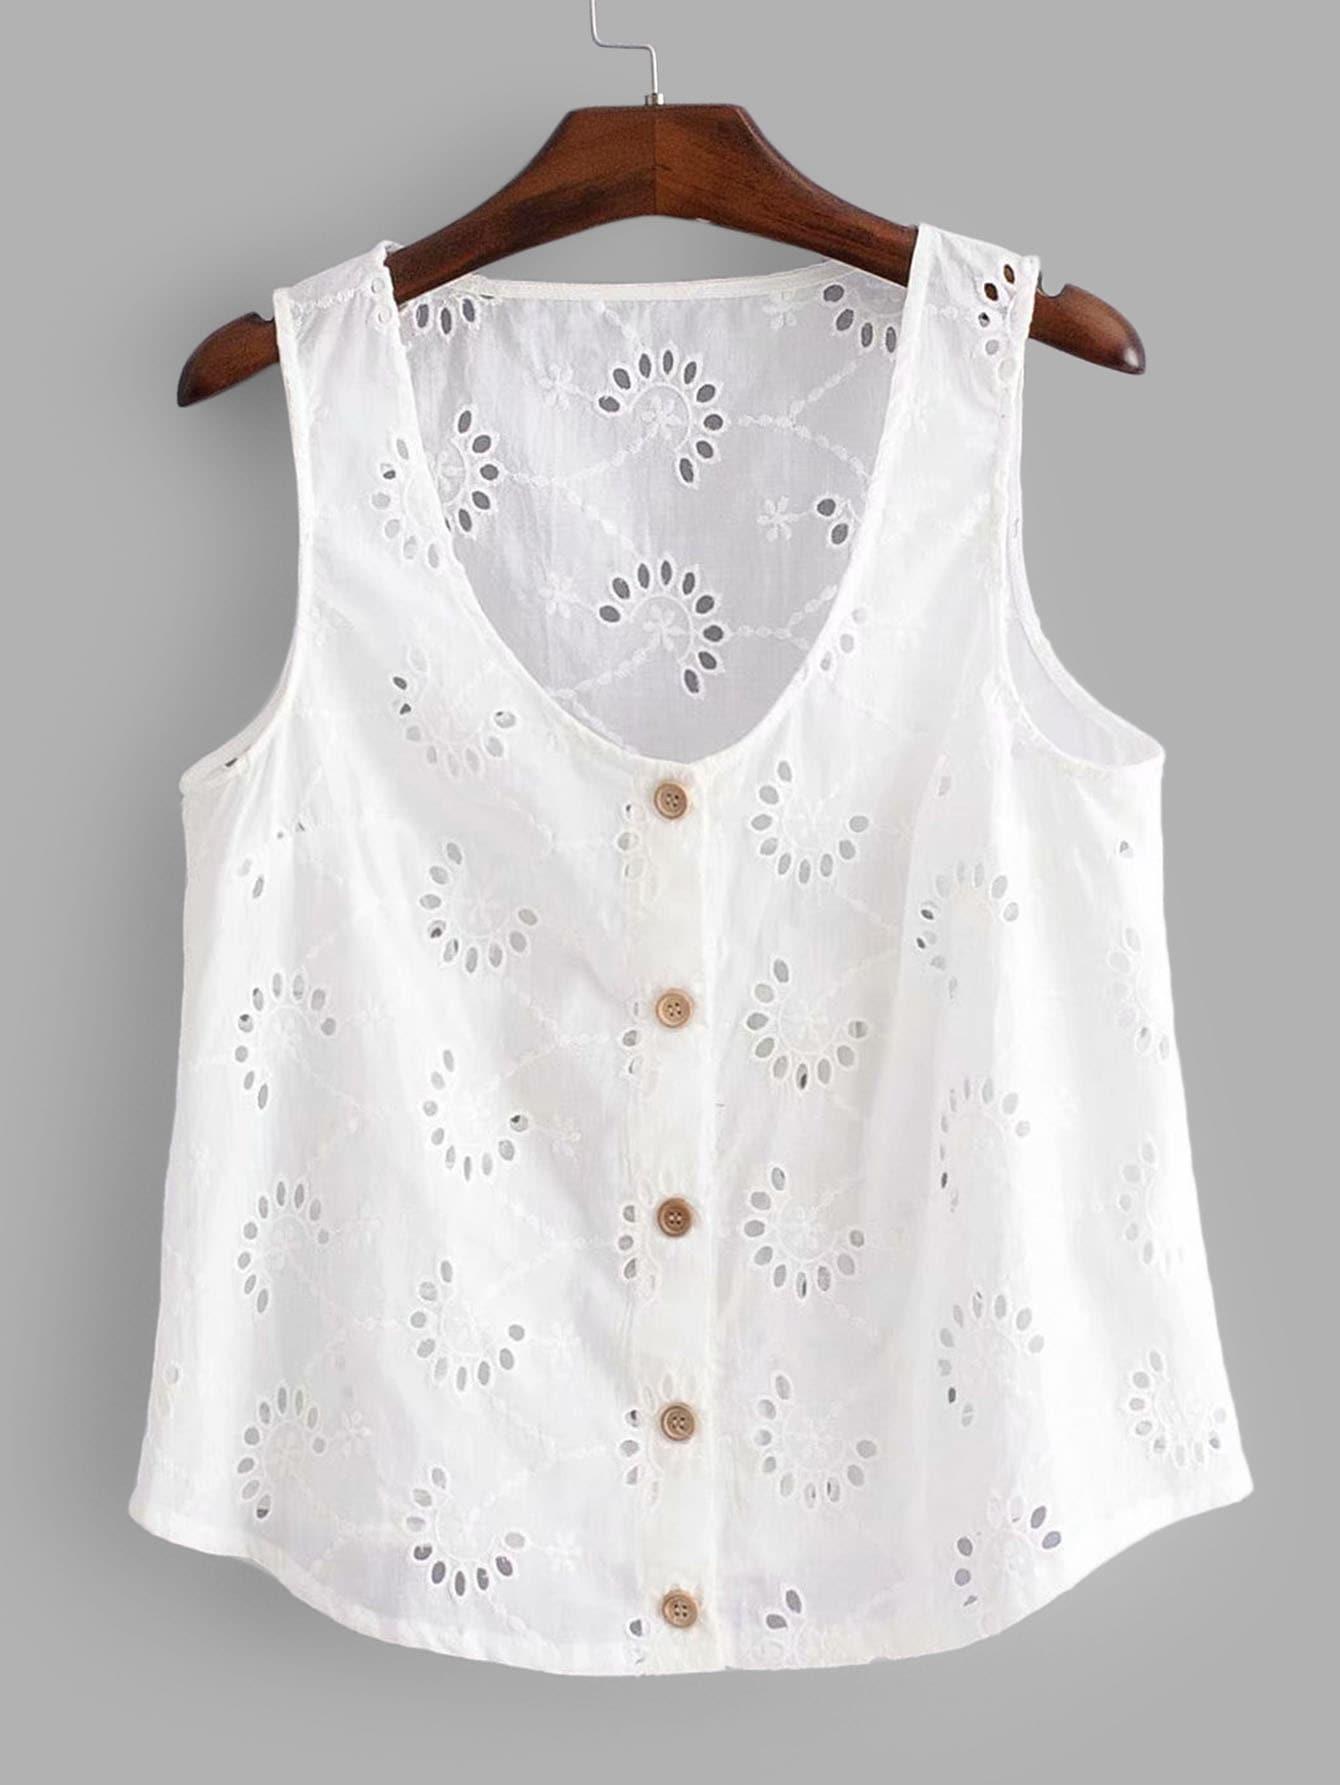 Купить Блузка с украшением вышивки и пуговиц, null, SheIn